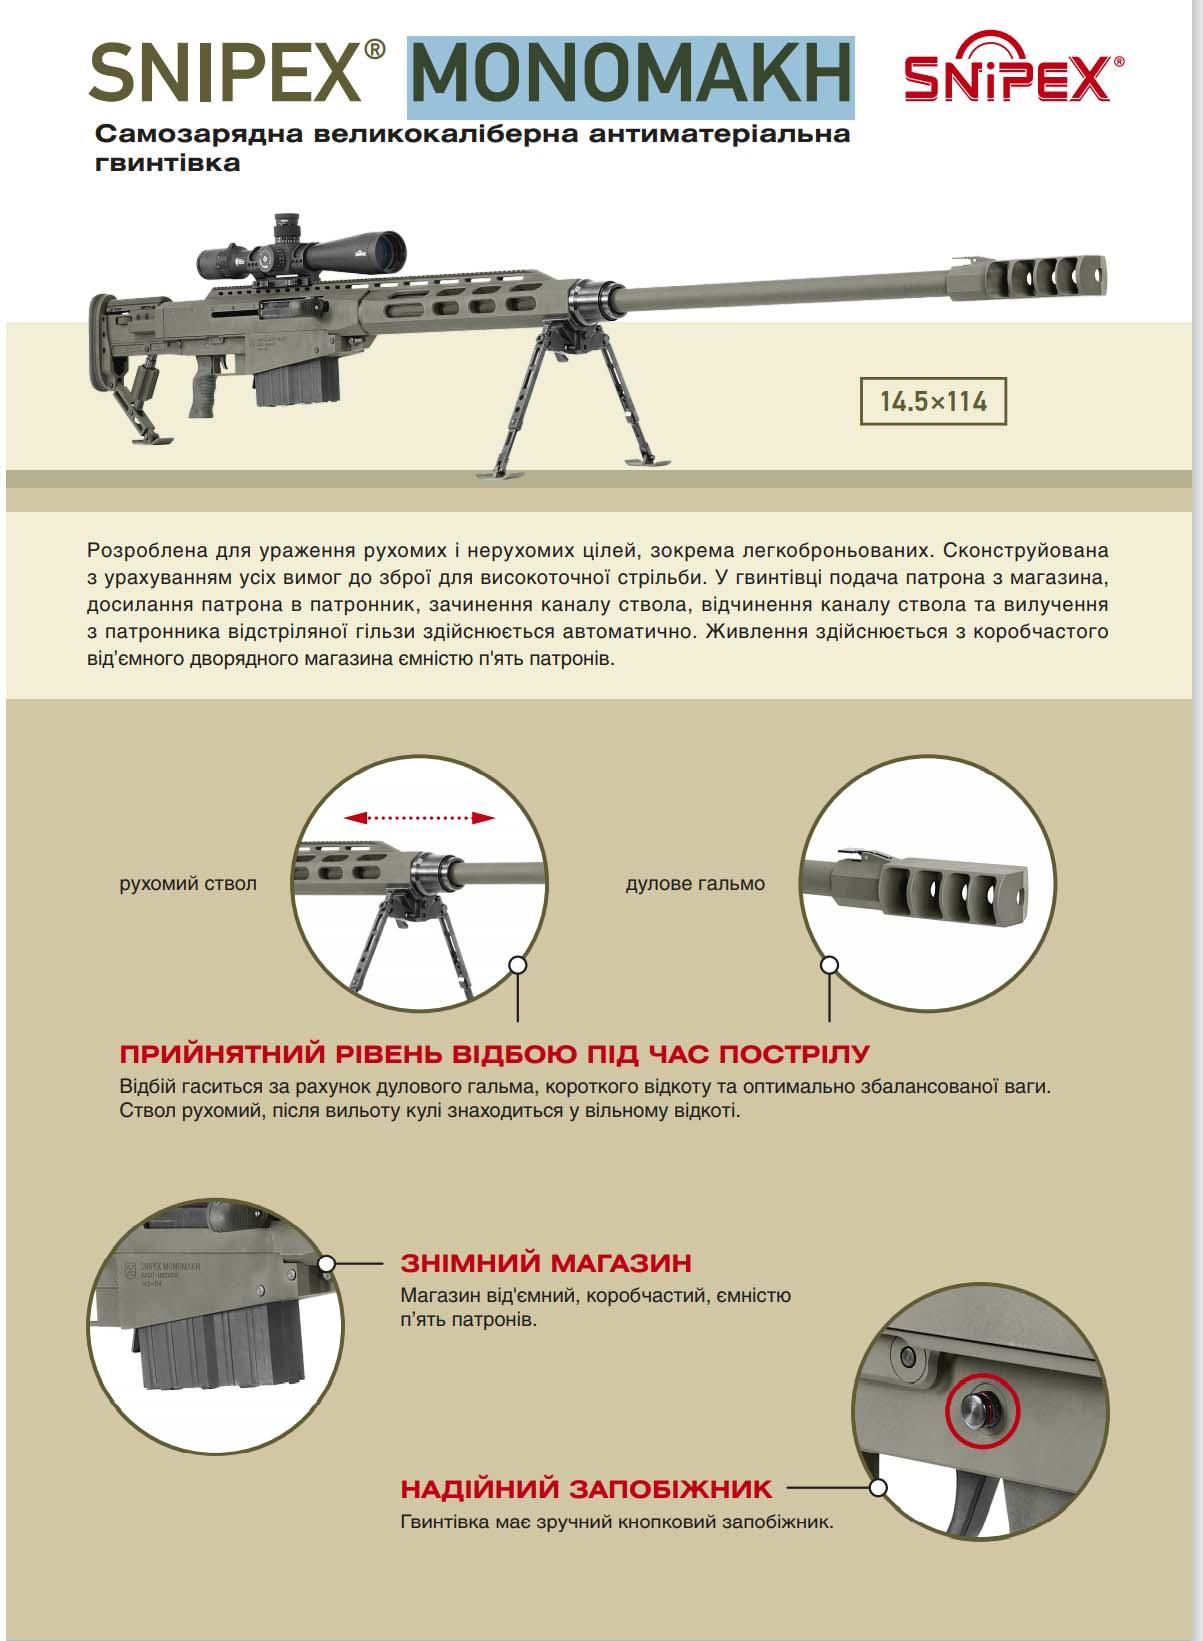 Нова самозарядна антиматеріальна гвинтівка Snipex MONOMAKH незабаром піде на державні випробування (фото)